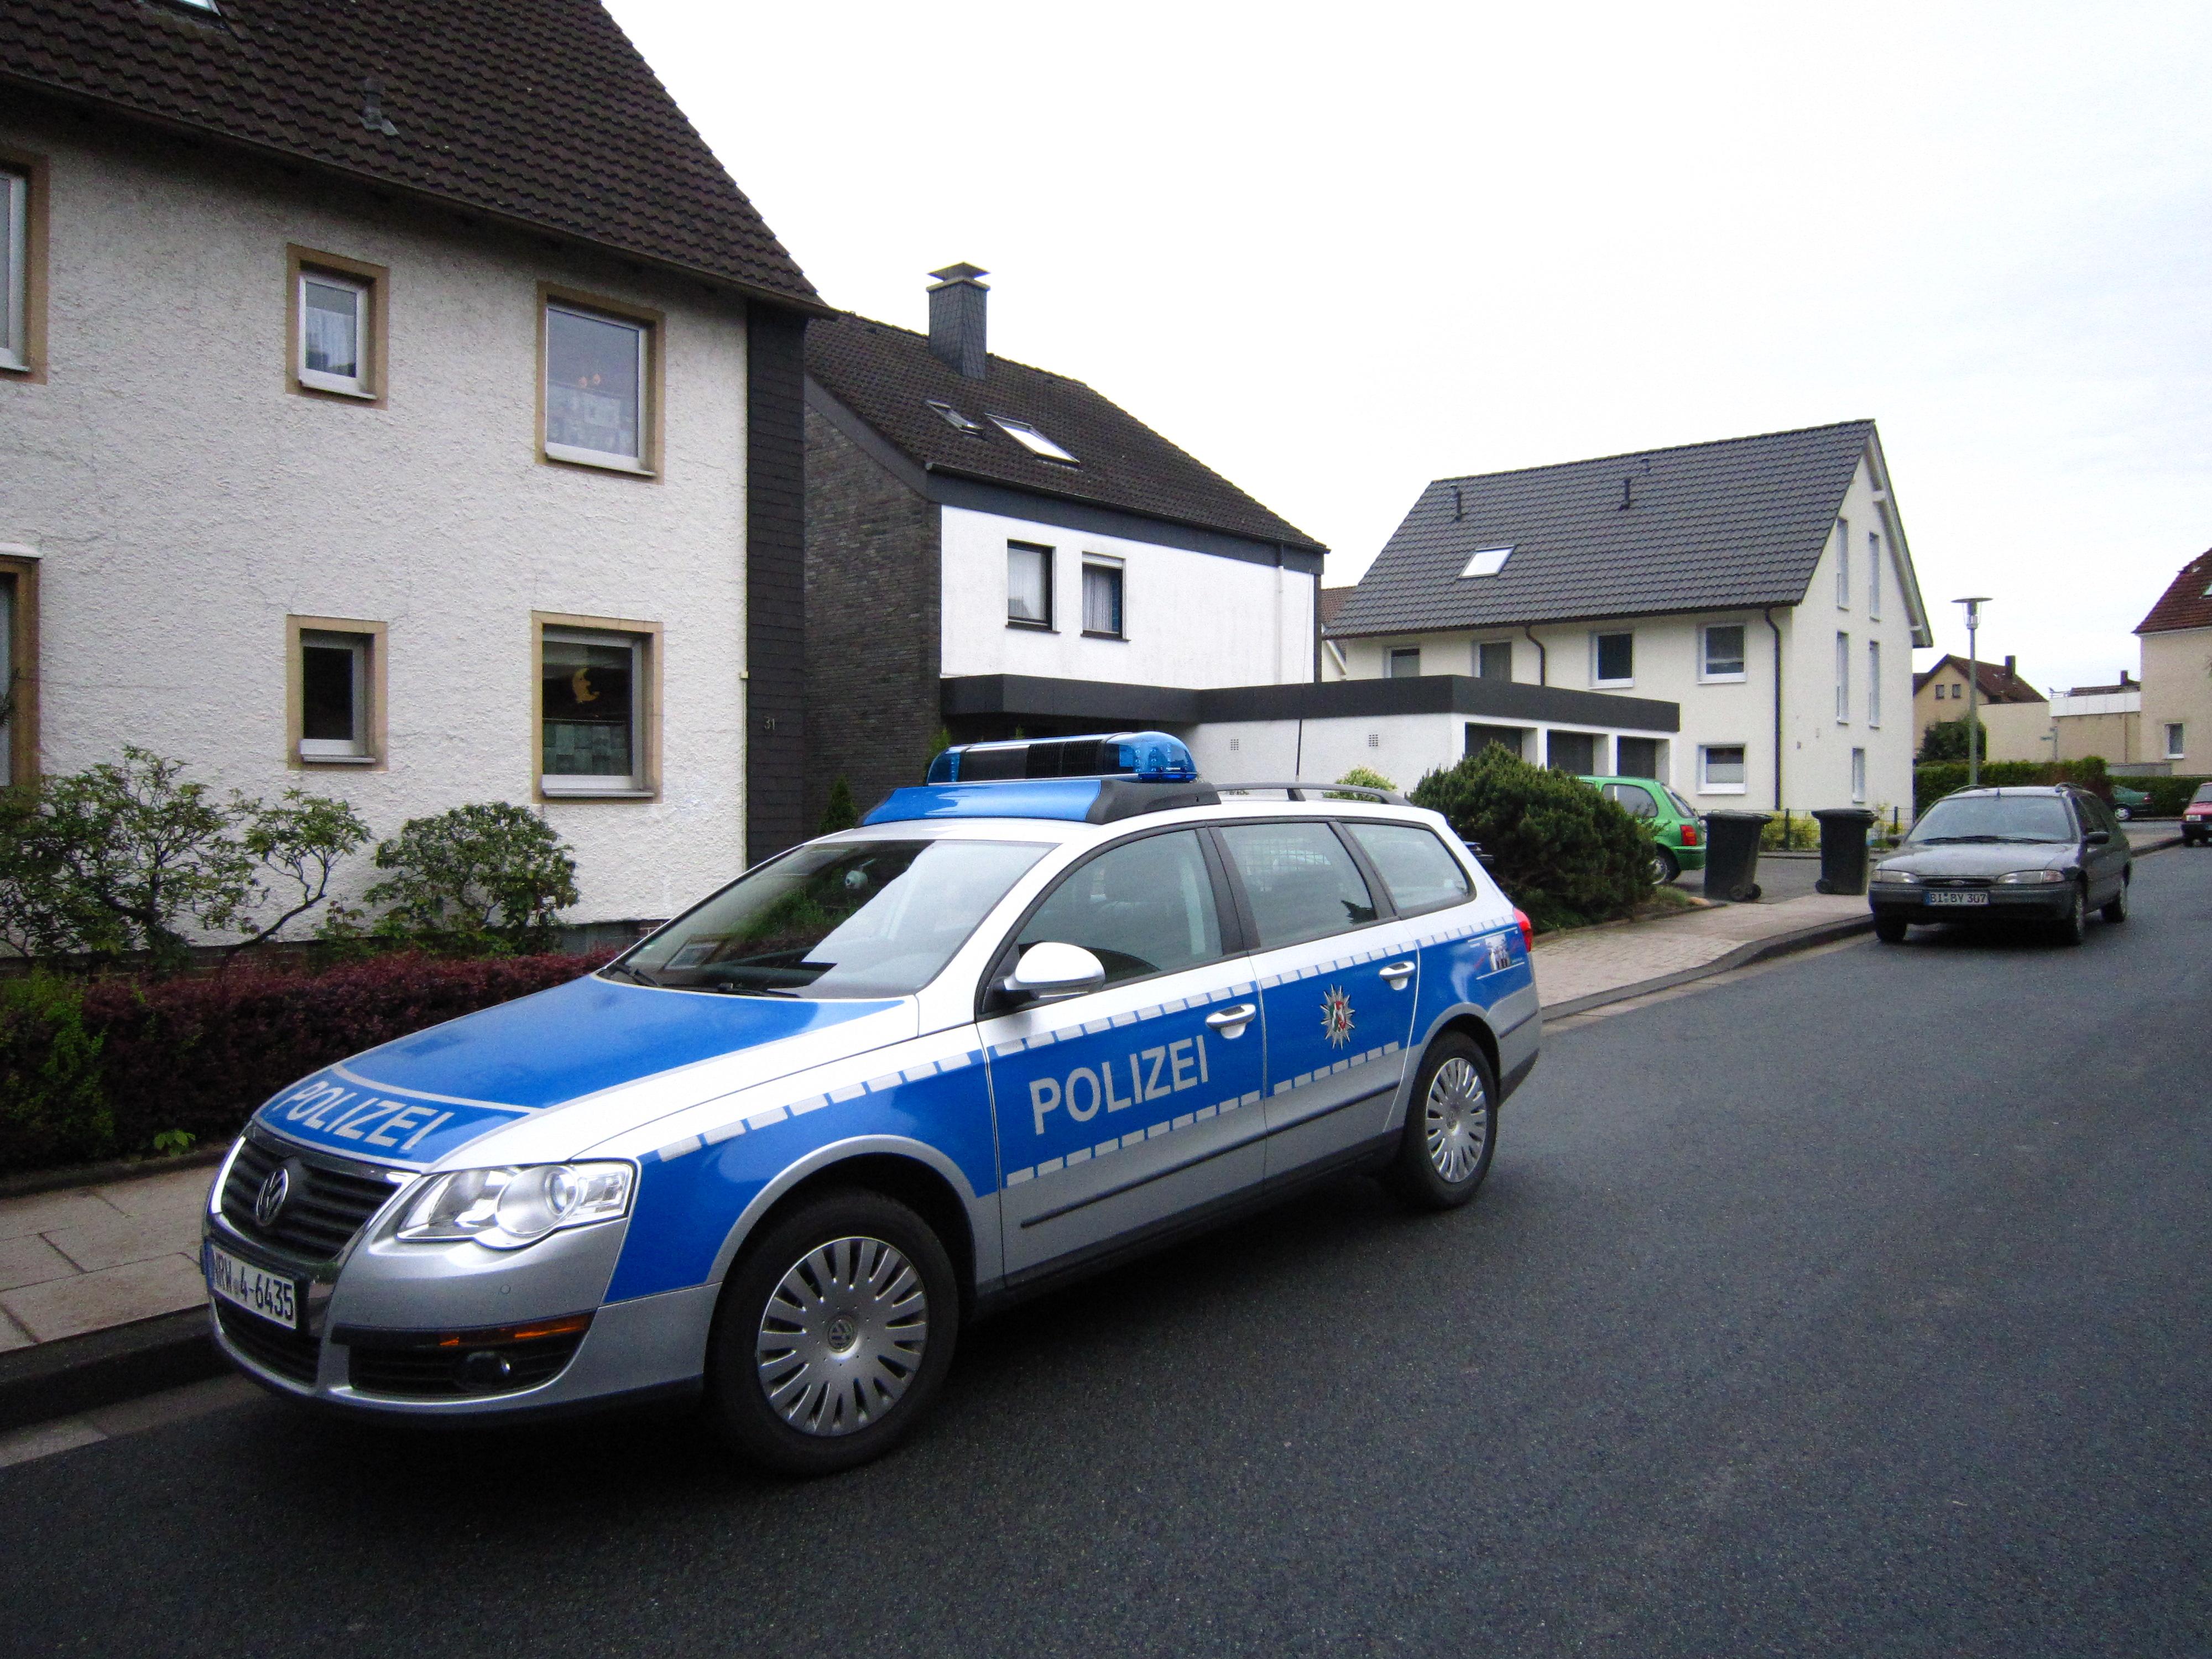 Polizeieinsatz-Bielefeld-Schelpsheide-33-Kampmann (2)